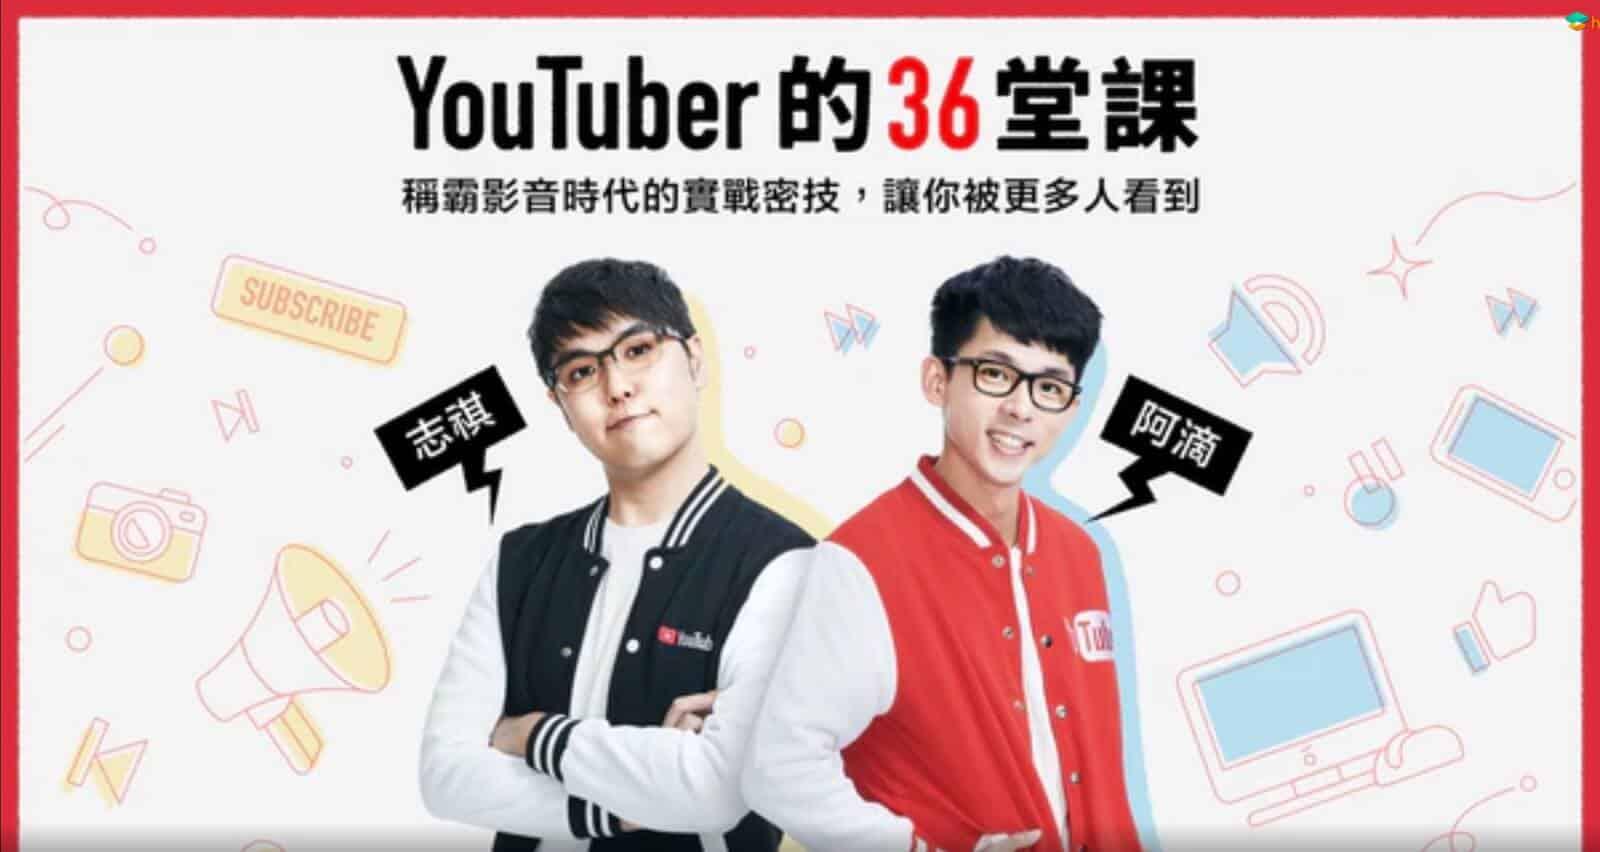 Hahow-YouTuber的36堂課